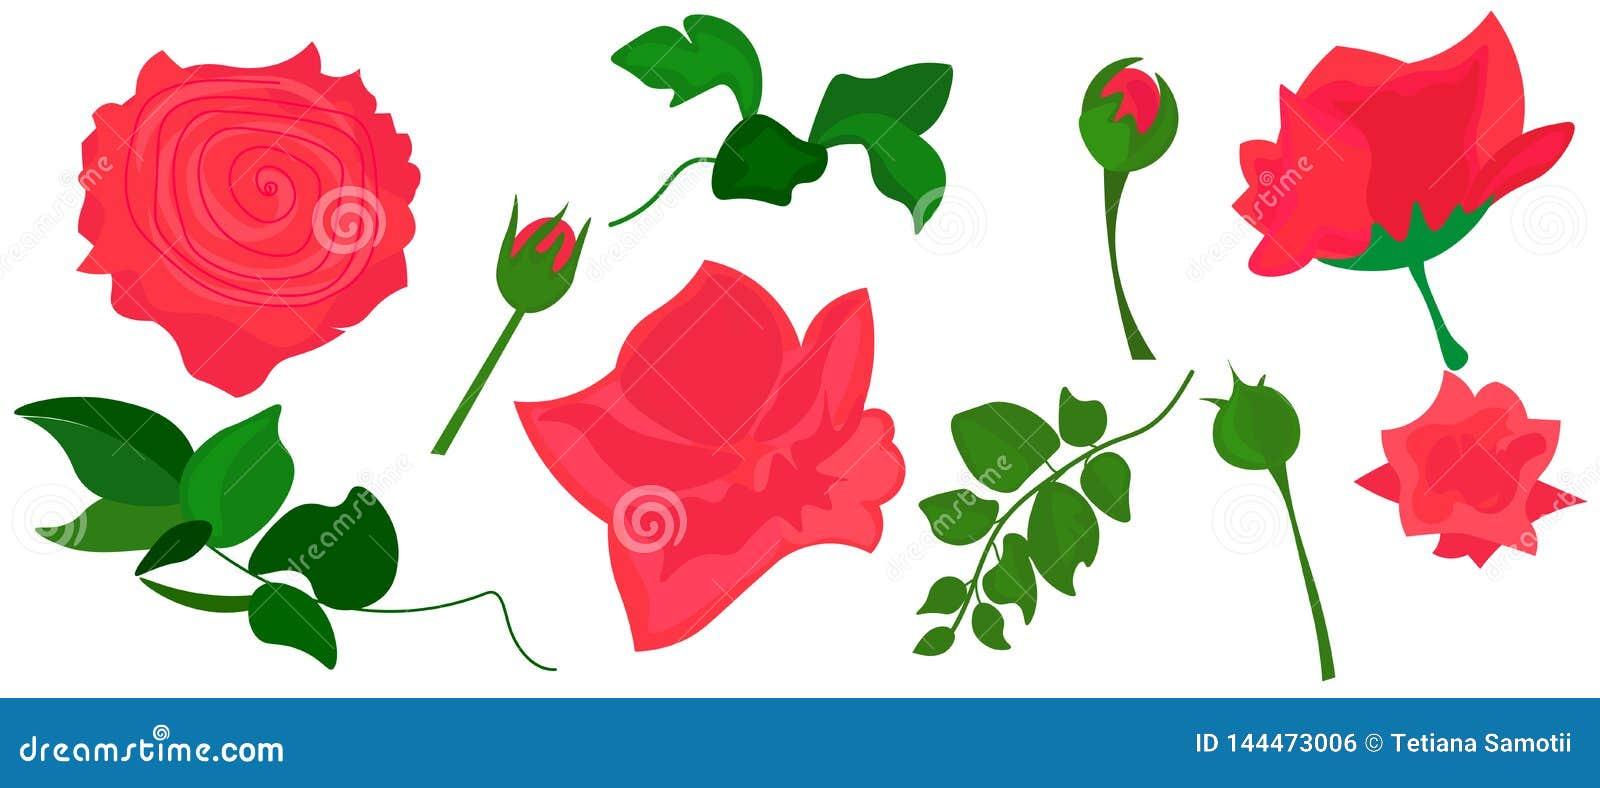 Сеть Реалистическое изображение цветка искусства зажима вектора роз розовое